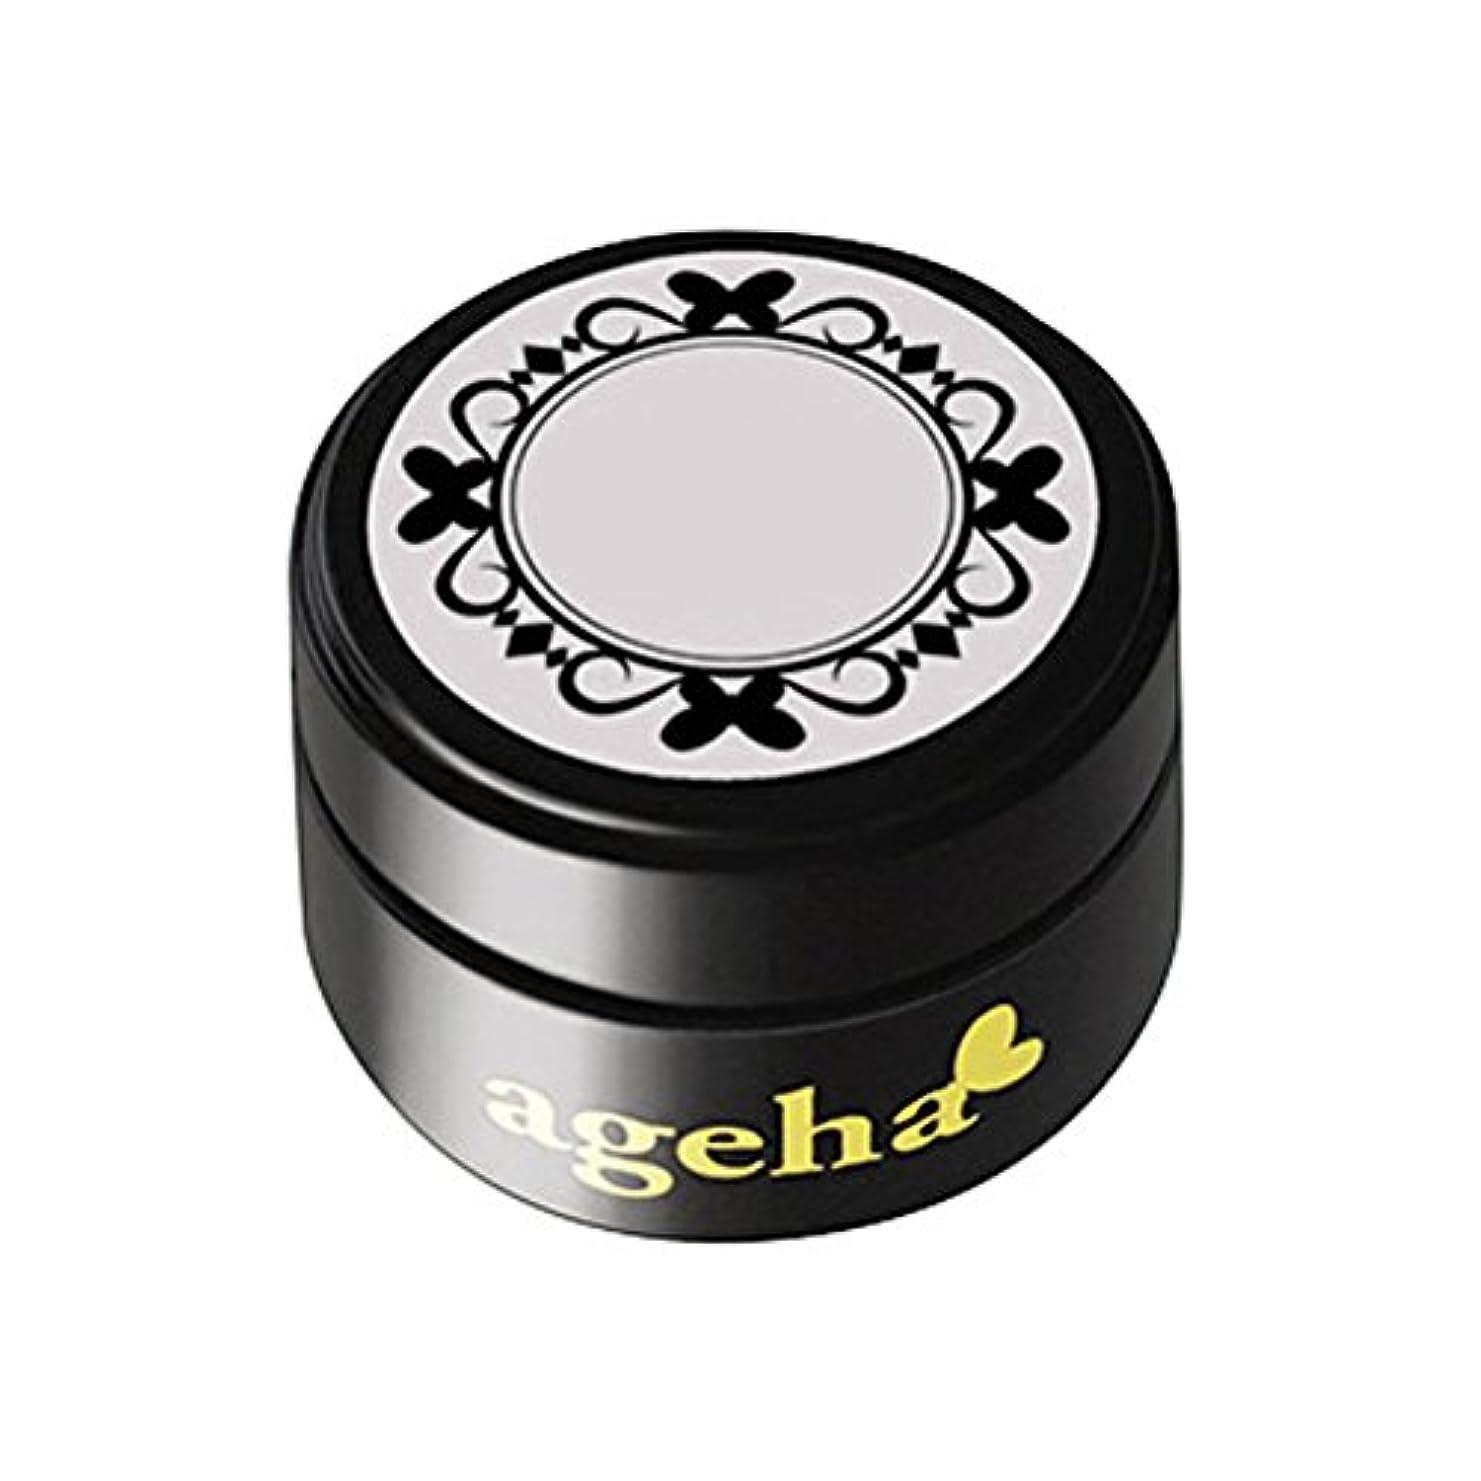 敏感な規模静けさageha gel カラージェル コスメカラー 110 グロッシーグレープ 2.7g UV/LED対応